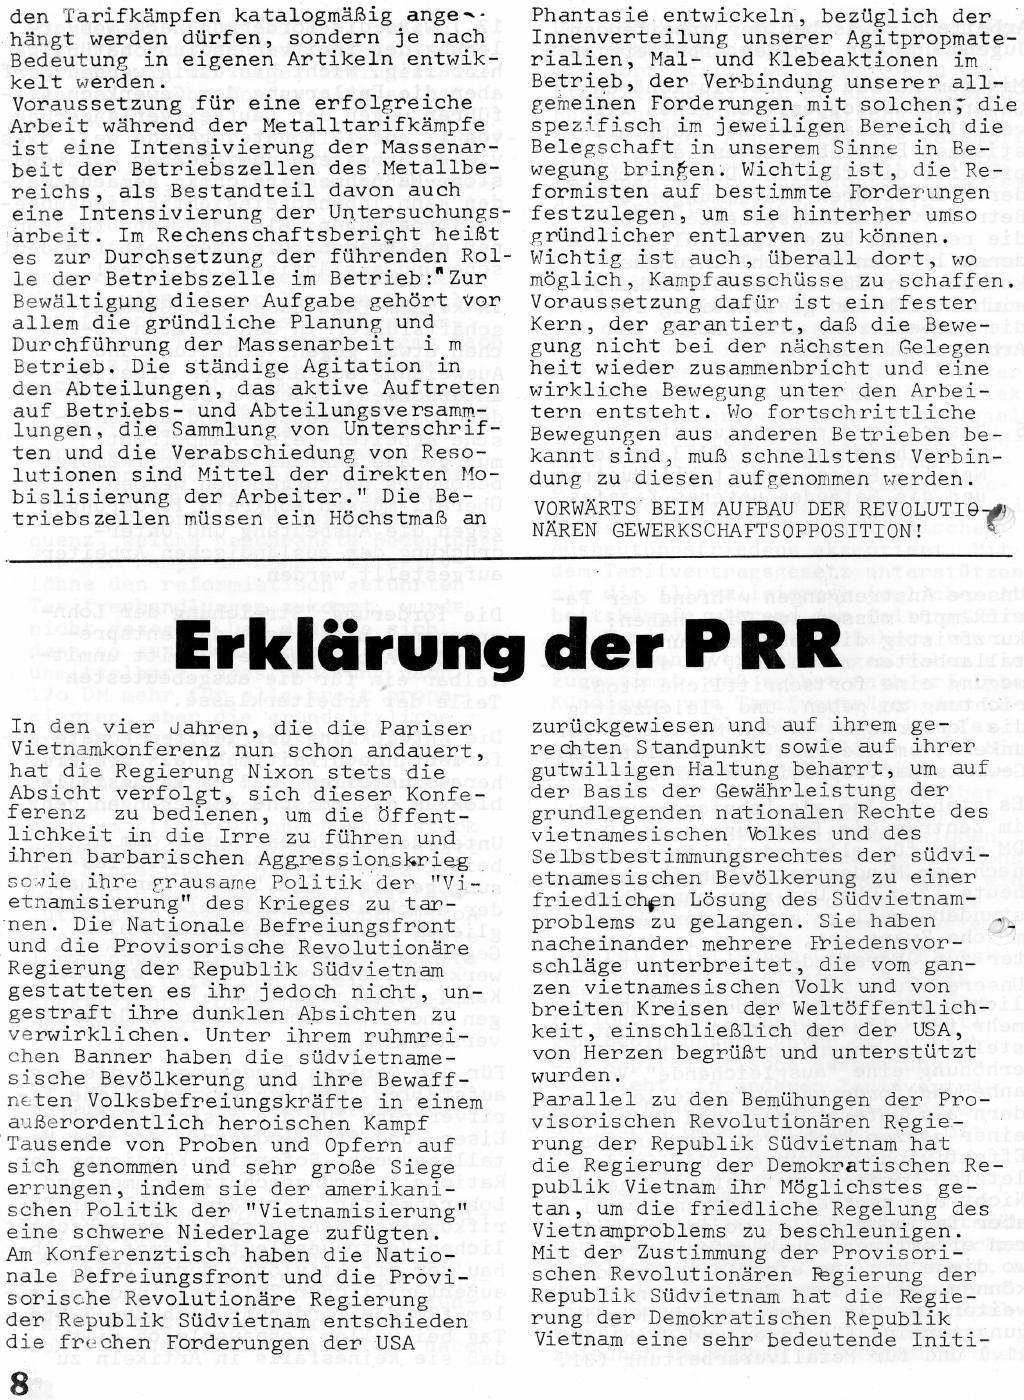 RPK_1972_190_191_08